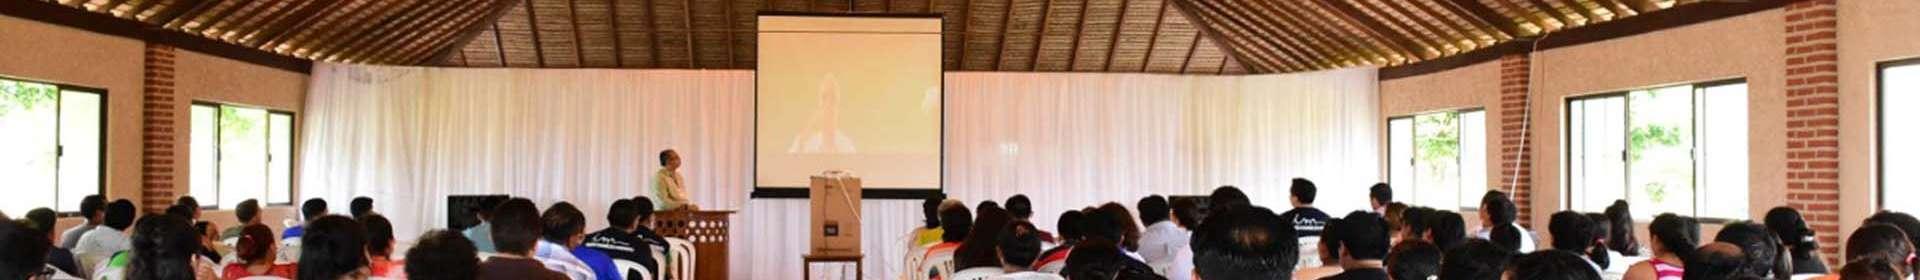 Seminário e Batismo são realizados na Bolívia pela Igreja Cristã Maranata